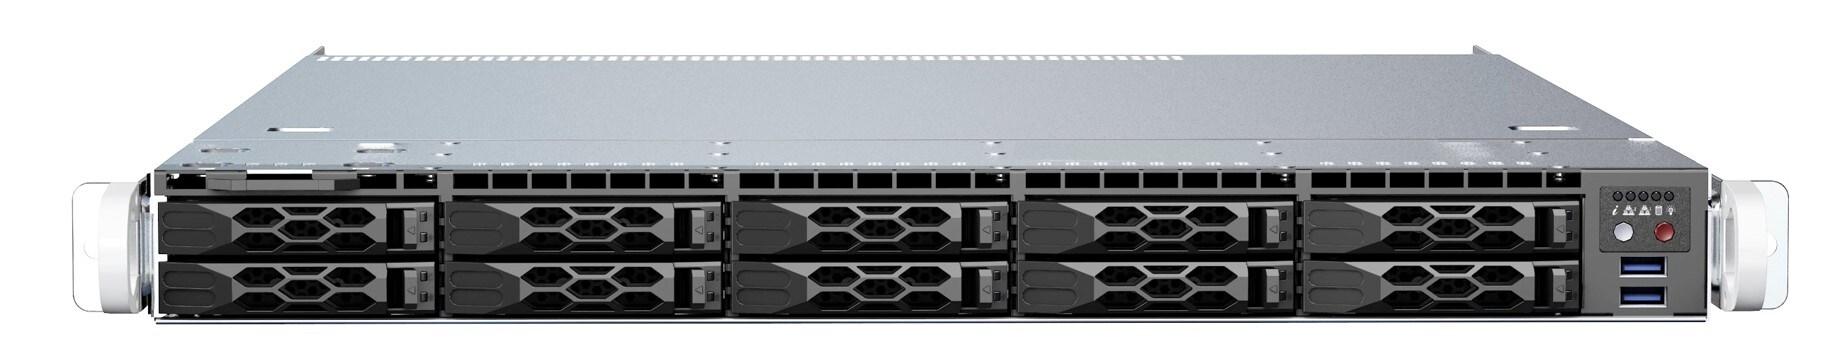 CSE-LB16AC2-R504W